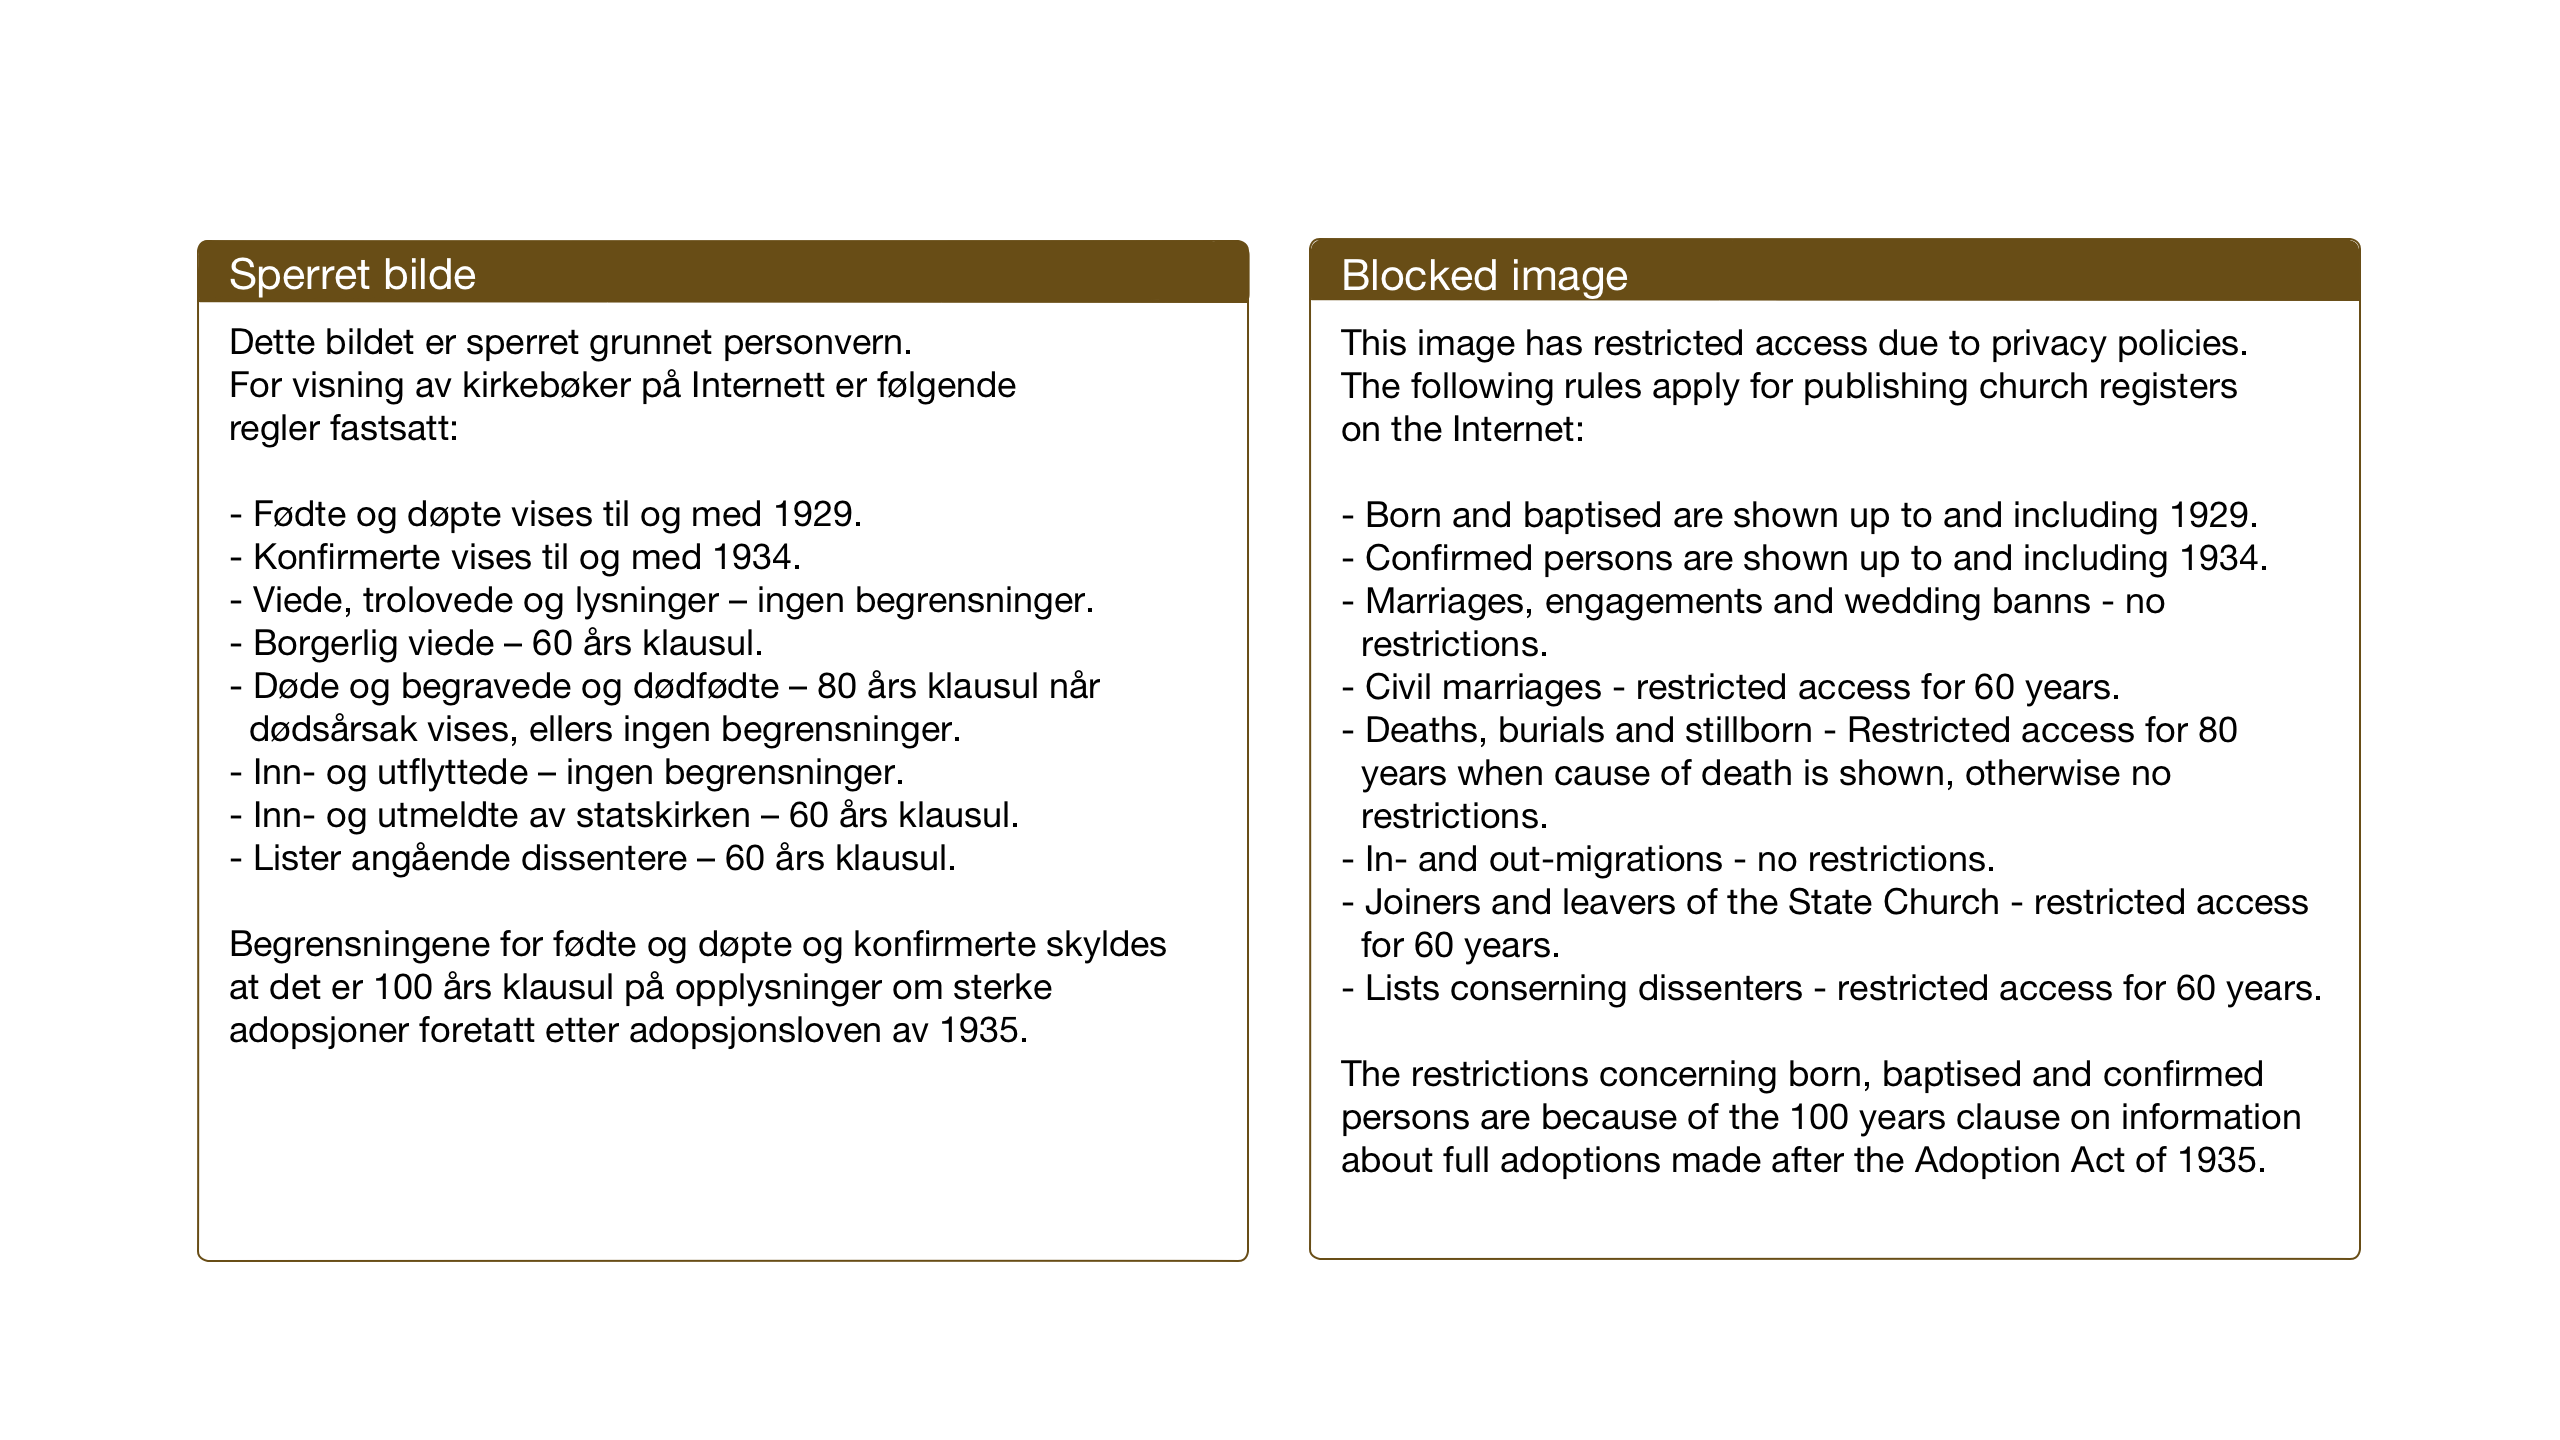 SAT, Ministerialprotokoller, klokkerbøker og fødselsregistre - Sør-Trøndelag, 637/L0564: Klokkerbok nr. 637C05, 1928-1968, s. 232